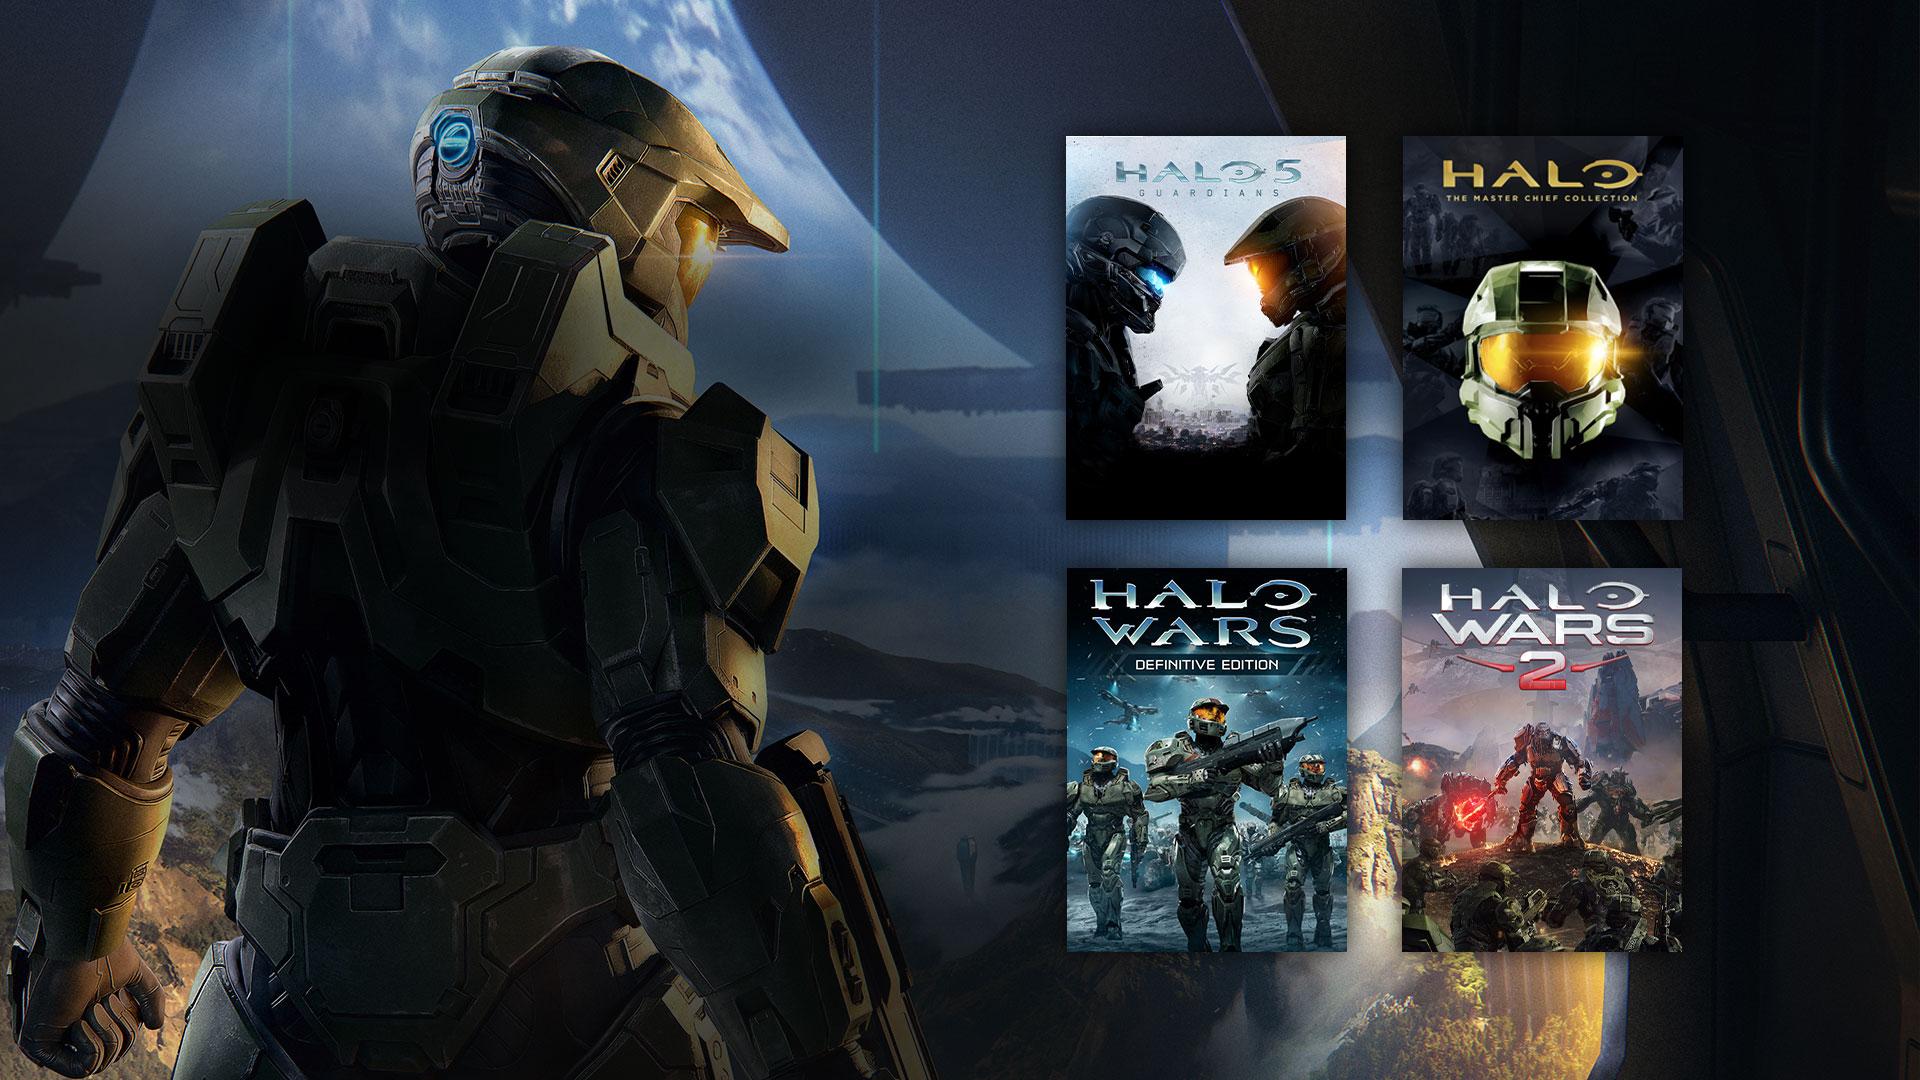 Master Chief con Halo 5, collezione Halo Mster chief, Halo Wars DE e Halo Wars 2